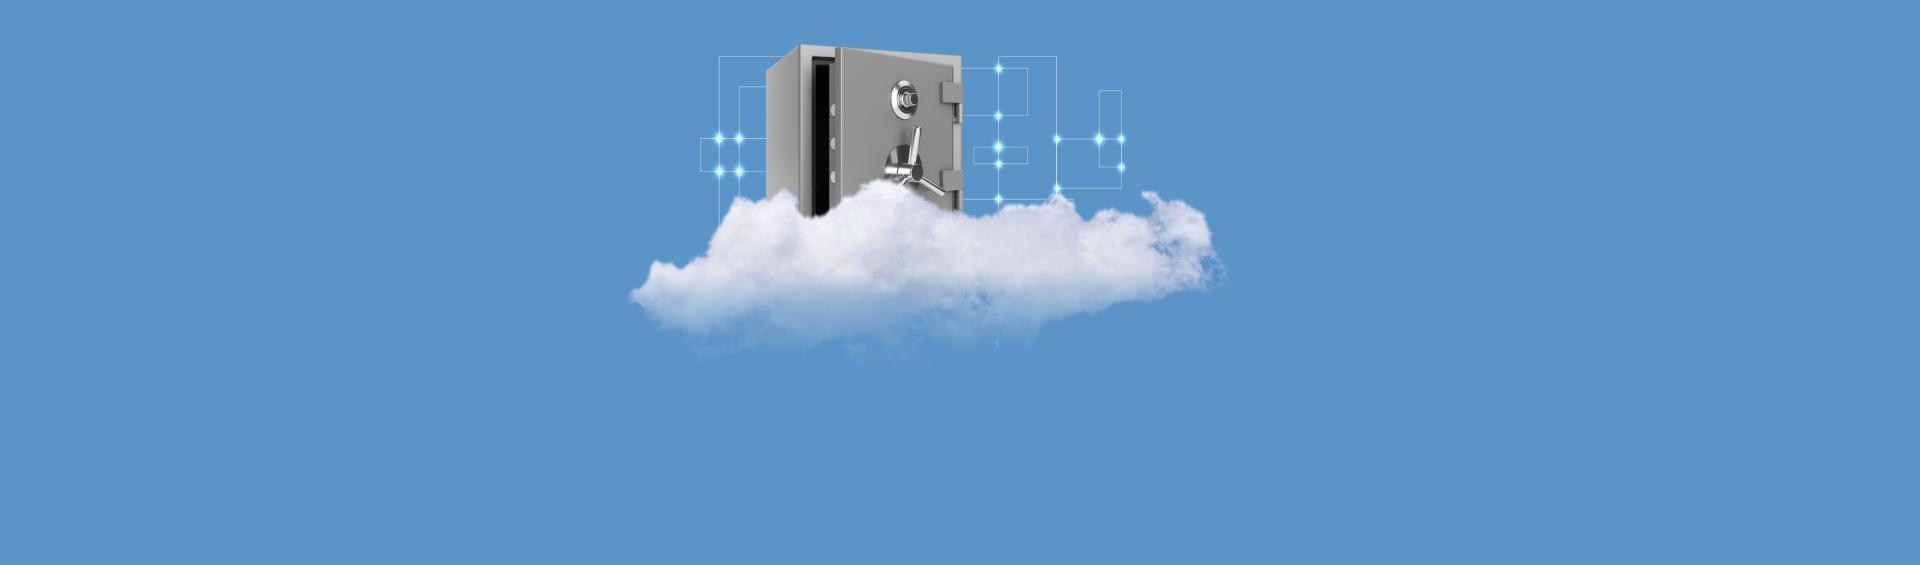 10лучших облачных хранилищ длябизнеса